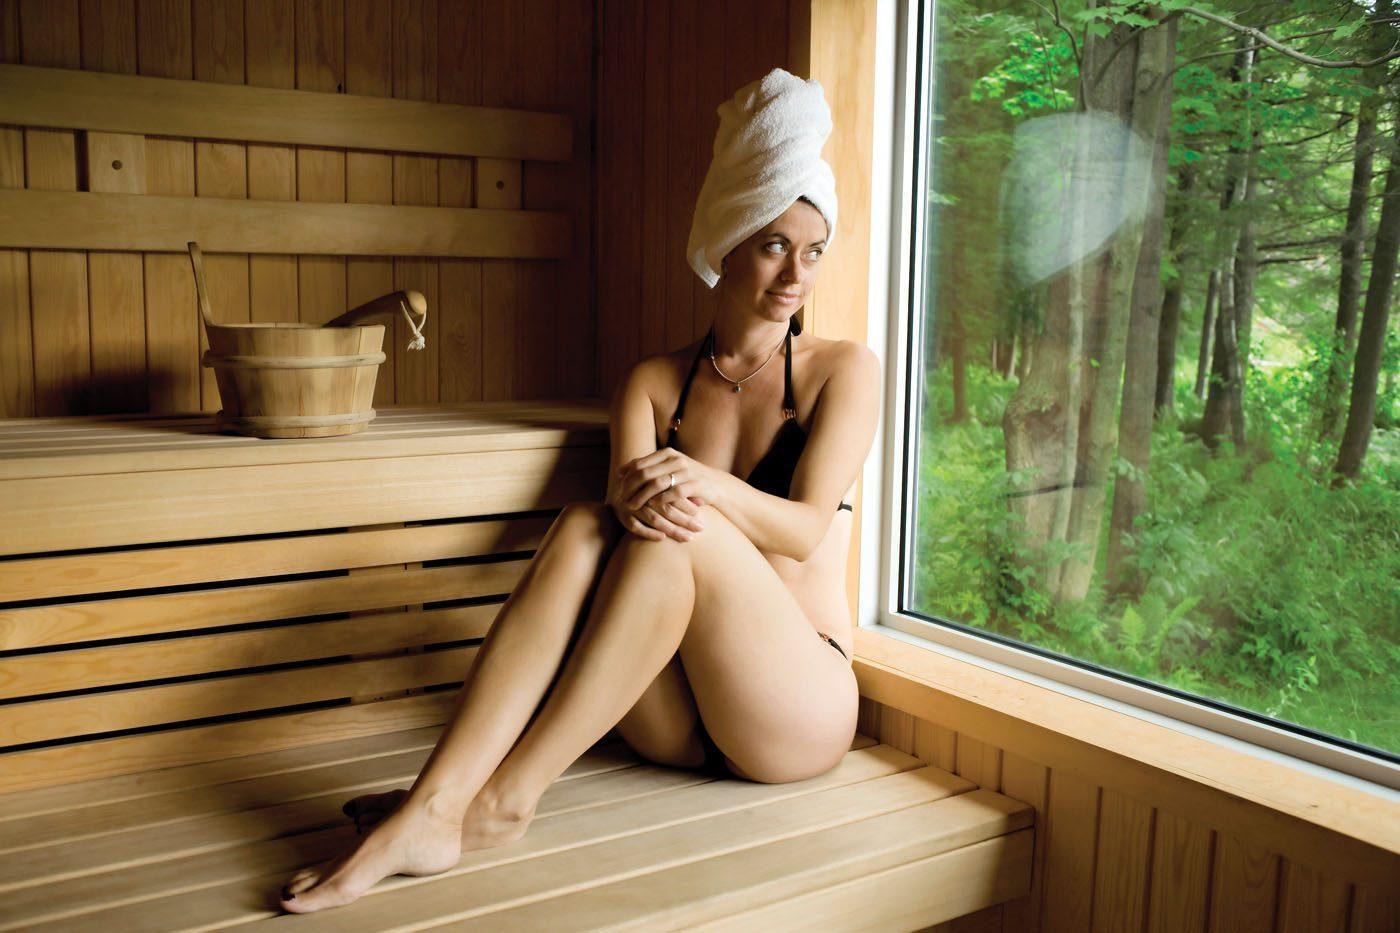 наверное уже как девушка моется в бане здесь картинки